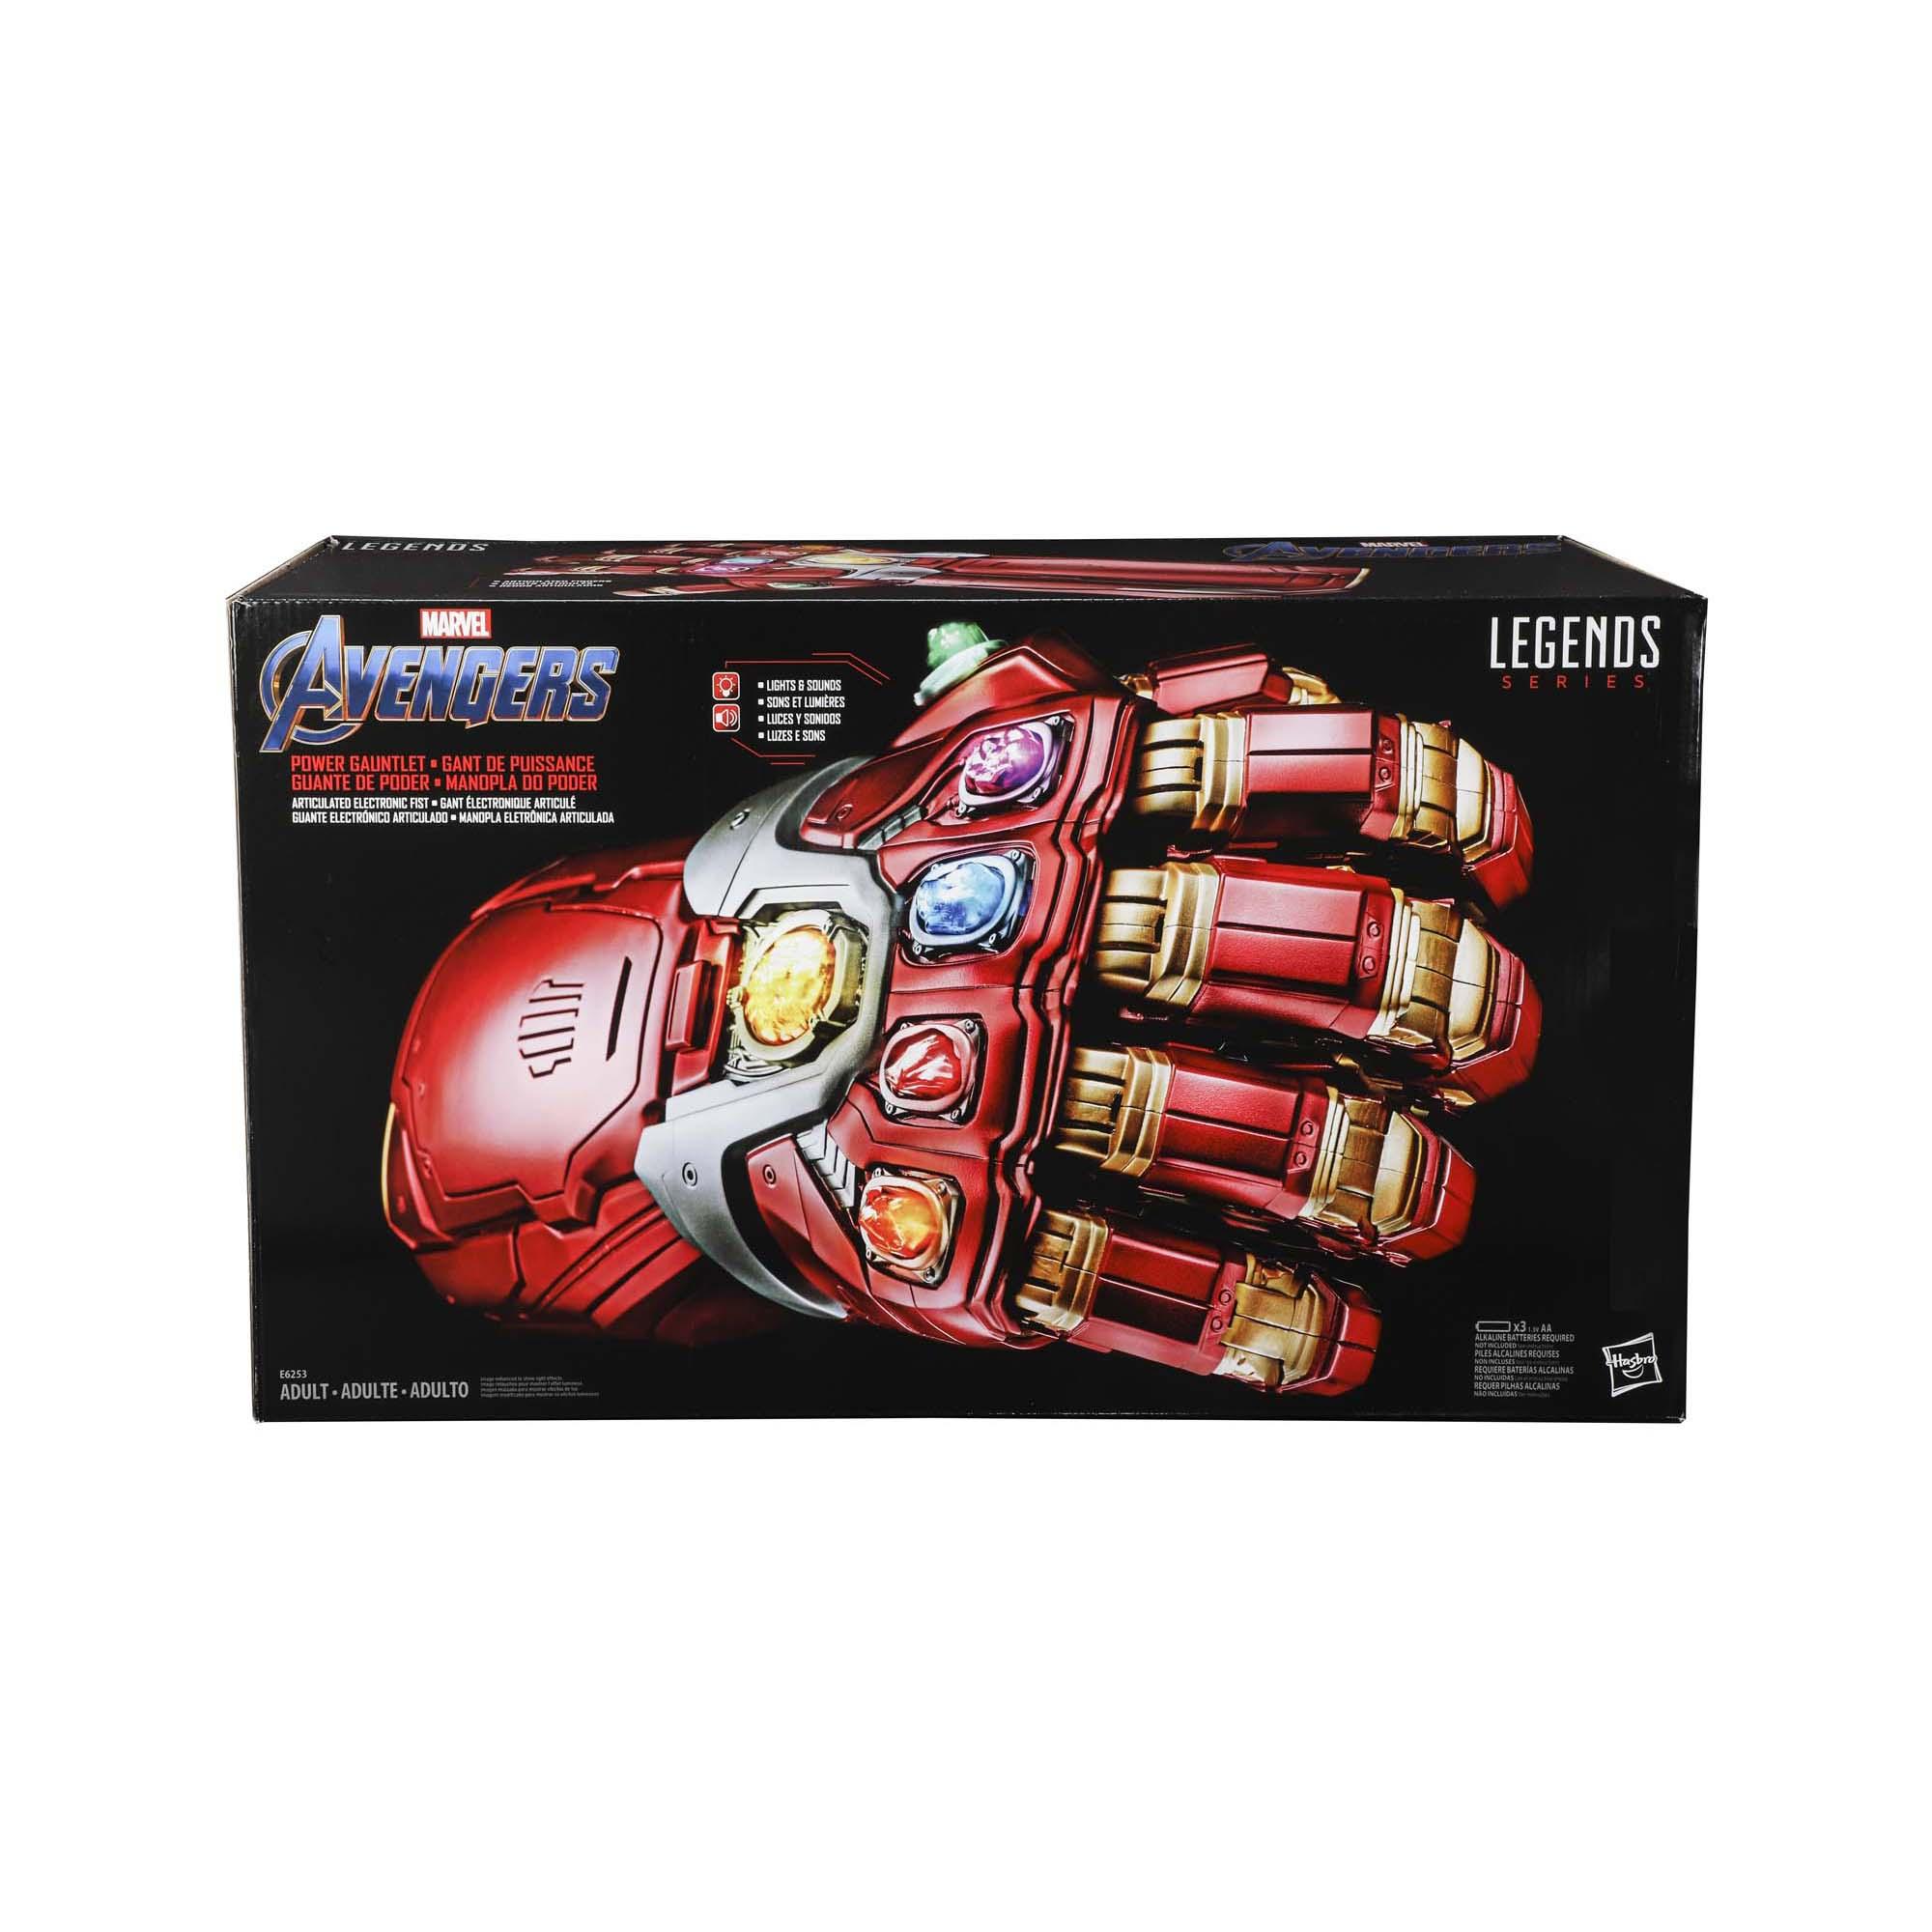 szmk_avengers_bosszuallok_endgame_vegjatek_iron_man_hulk_nano_gauntlet_nano_kesztyu_marvel_hot_toys_1_1.jpg